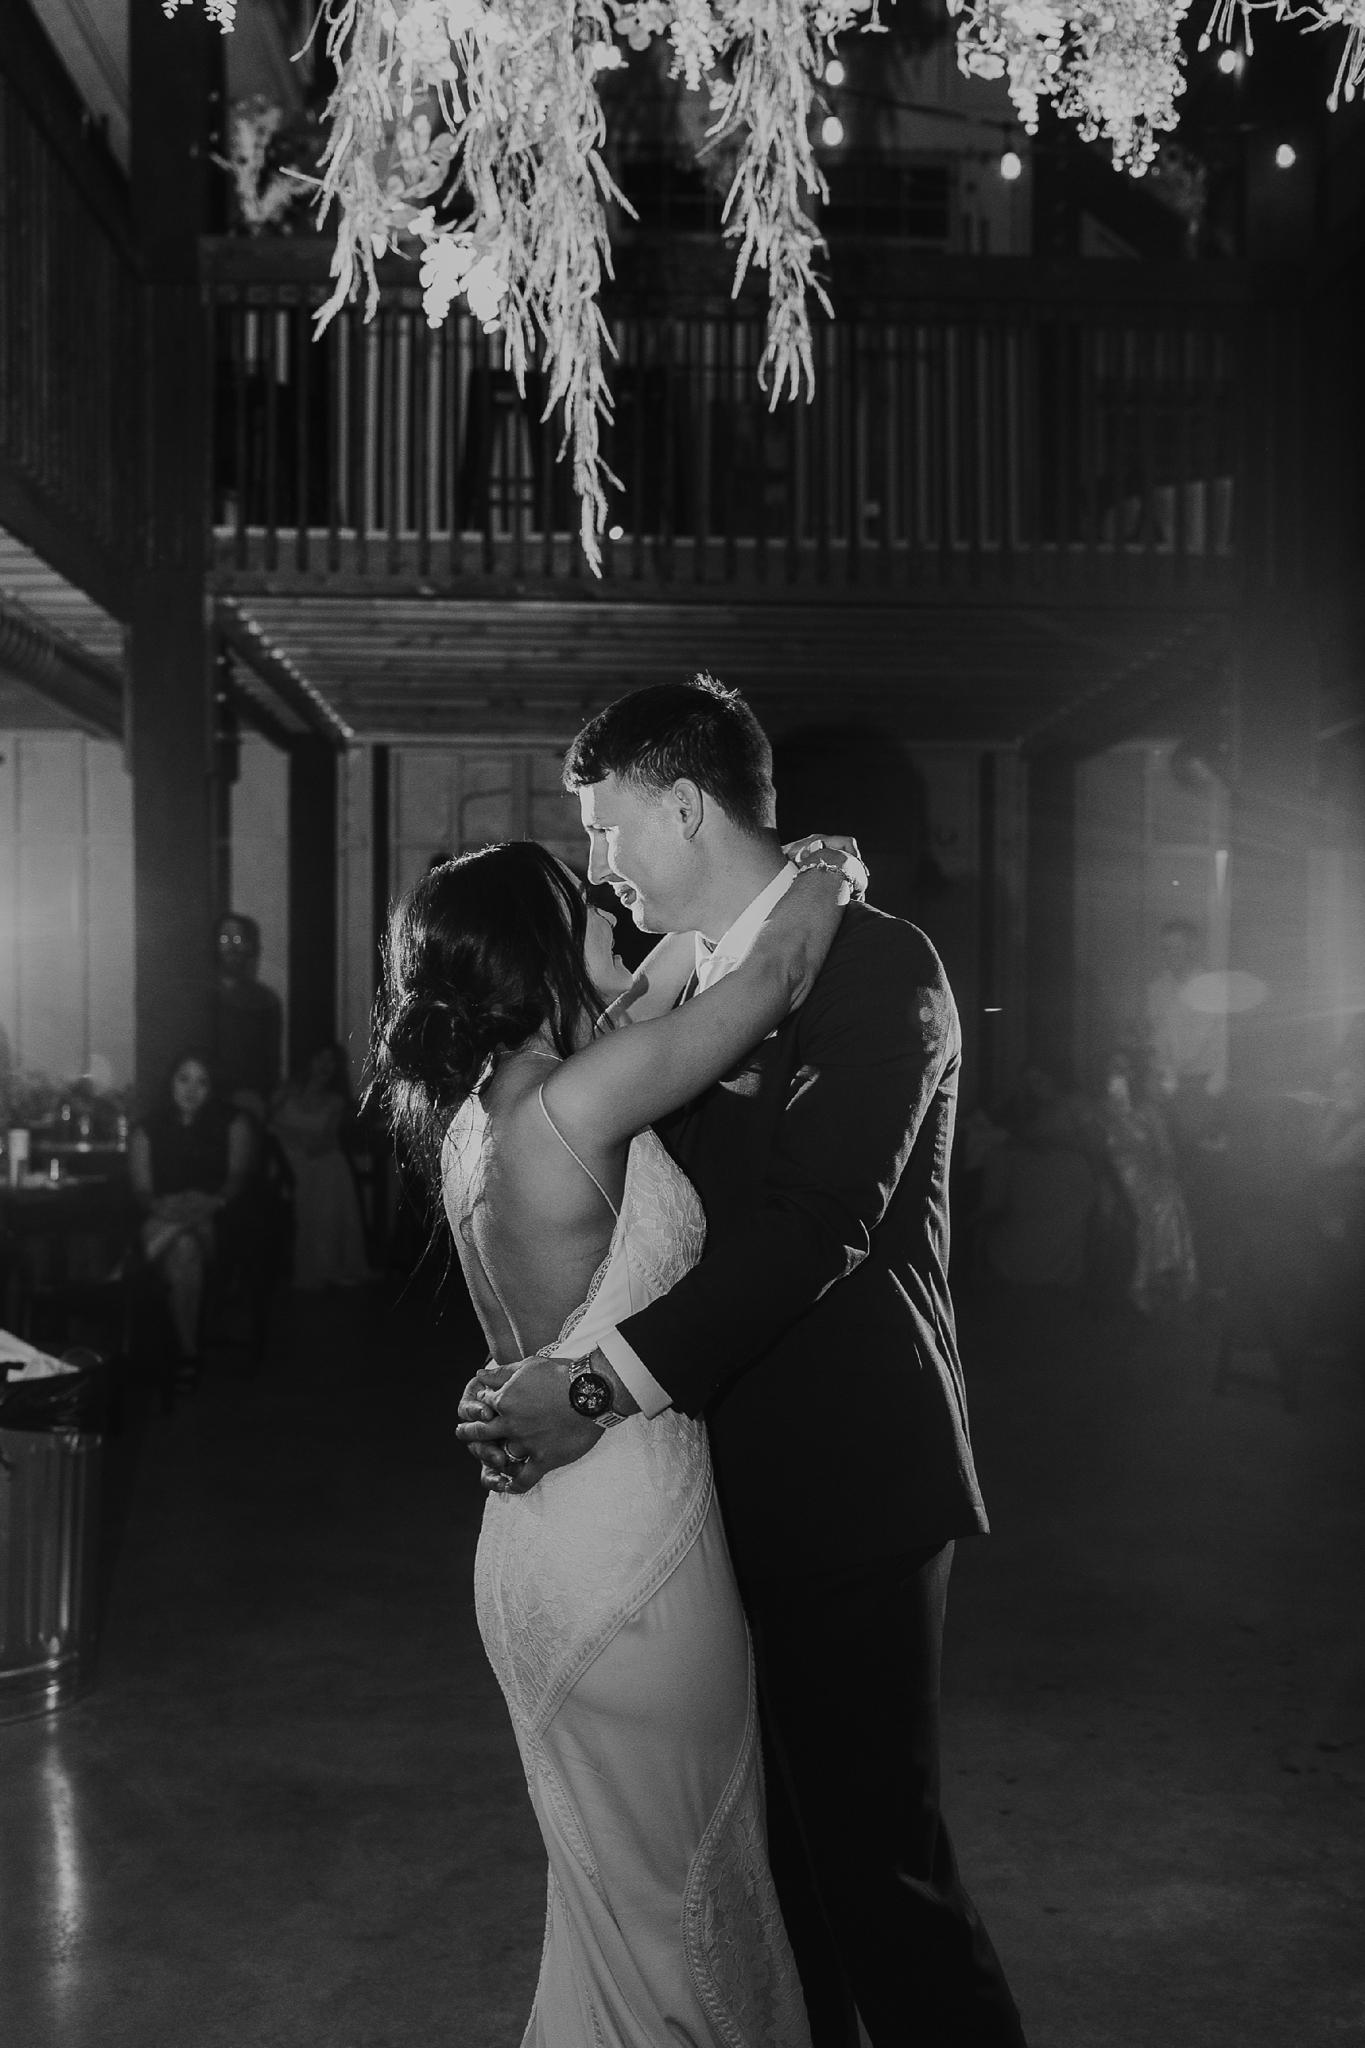 Alicia+lucia+photography+-+albuquerque+wedding+photographer+-+santa+fe+wedding+photography+-+new+mexico+wedding+photographer+-+new+mexico+wedding+-+new+mexico+wedding+-+barn+wedding+-+enchanted+vine+barn+wedding+-+ruidoso+wedding_0164.jpg